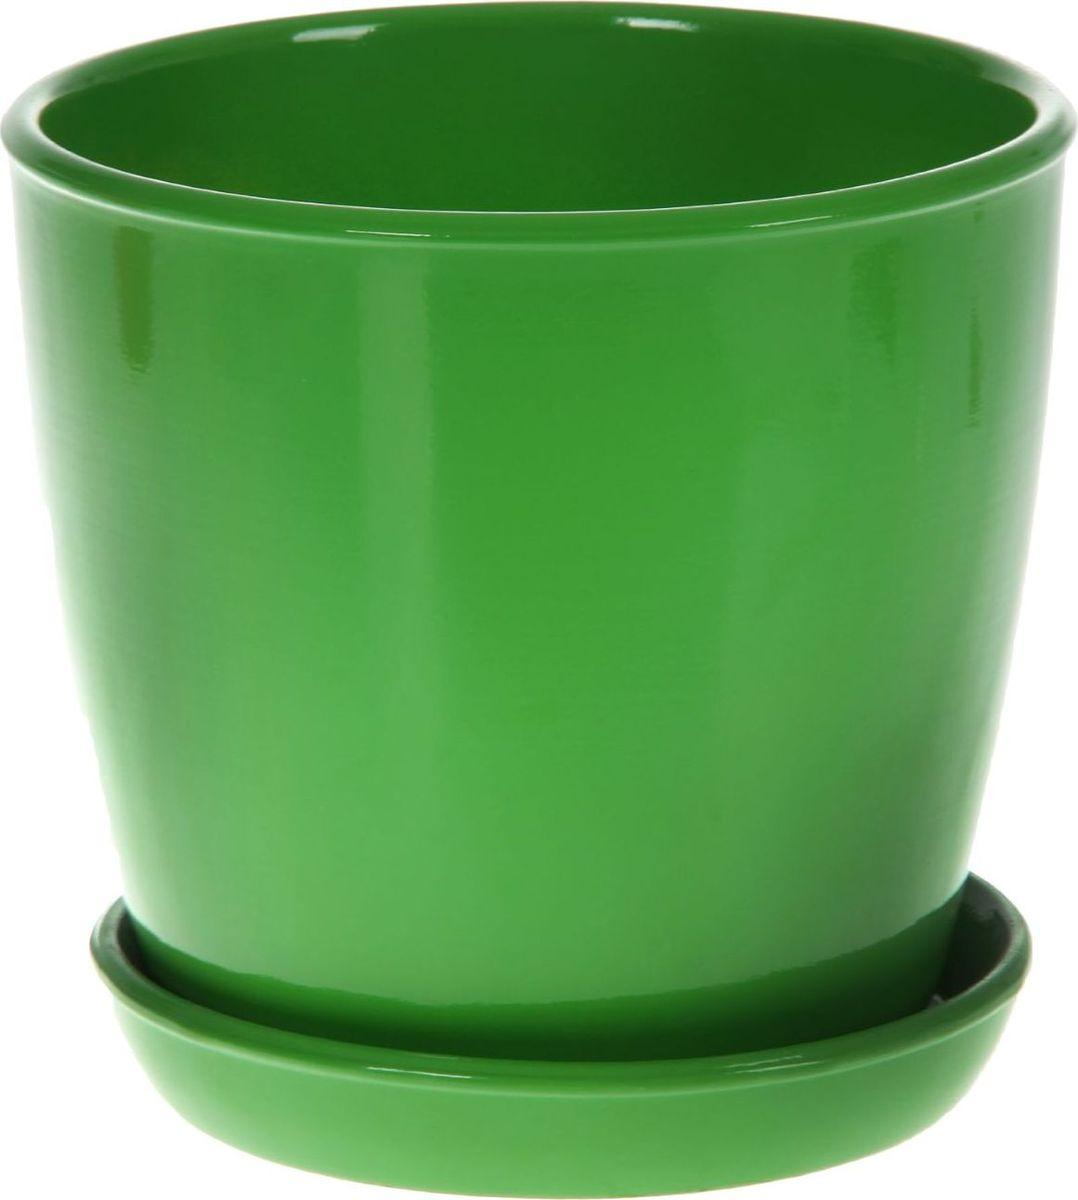 Кашпо Керамика ручной работы Виктория, цвет: зеленый, 4 л825132Кашпо серии «Каменный цветок» выполнено из белой глины методом формовки и покрыто лаком. Керамическая емкость имеет объем, оптимальный для создания наилучших условий развития большинства растений. Устойчивый глубокий поддон защитит поверхность стола или подставки от жидкости. Благодаря строгим стандартам производства изделия отличаются правильной формой, отсутствием дефектов, имеют достаточную тяжесть для надежной фиксации конструкции. Окраска моделей не восприимчива к прямым солнечным лучам, а в цветовой гамме преобладают яркие и насыщенные оттенки. Красота, удобство и долговечность кашпо серии «Каменный цветок» порадует любителей высококачественных аксессуаров для комнатных растений.